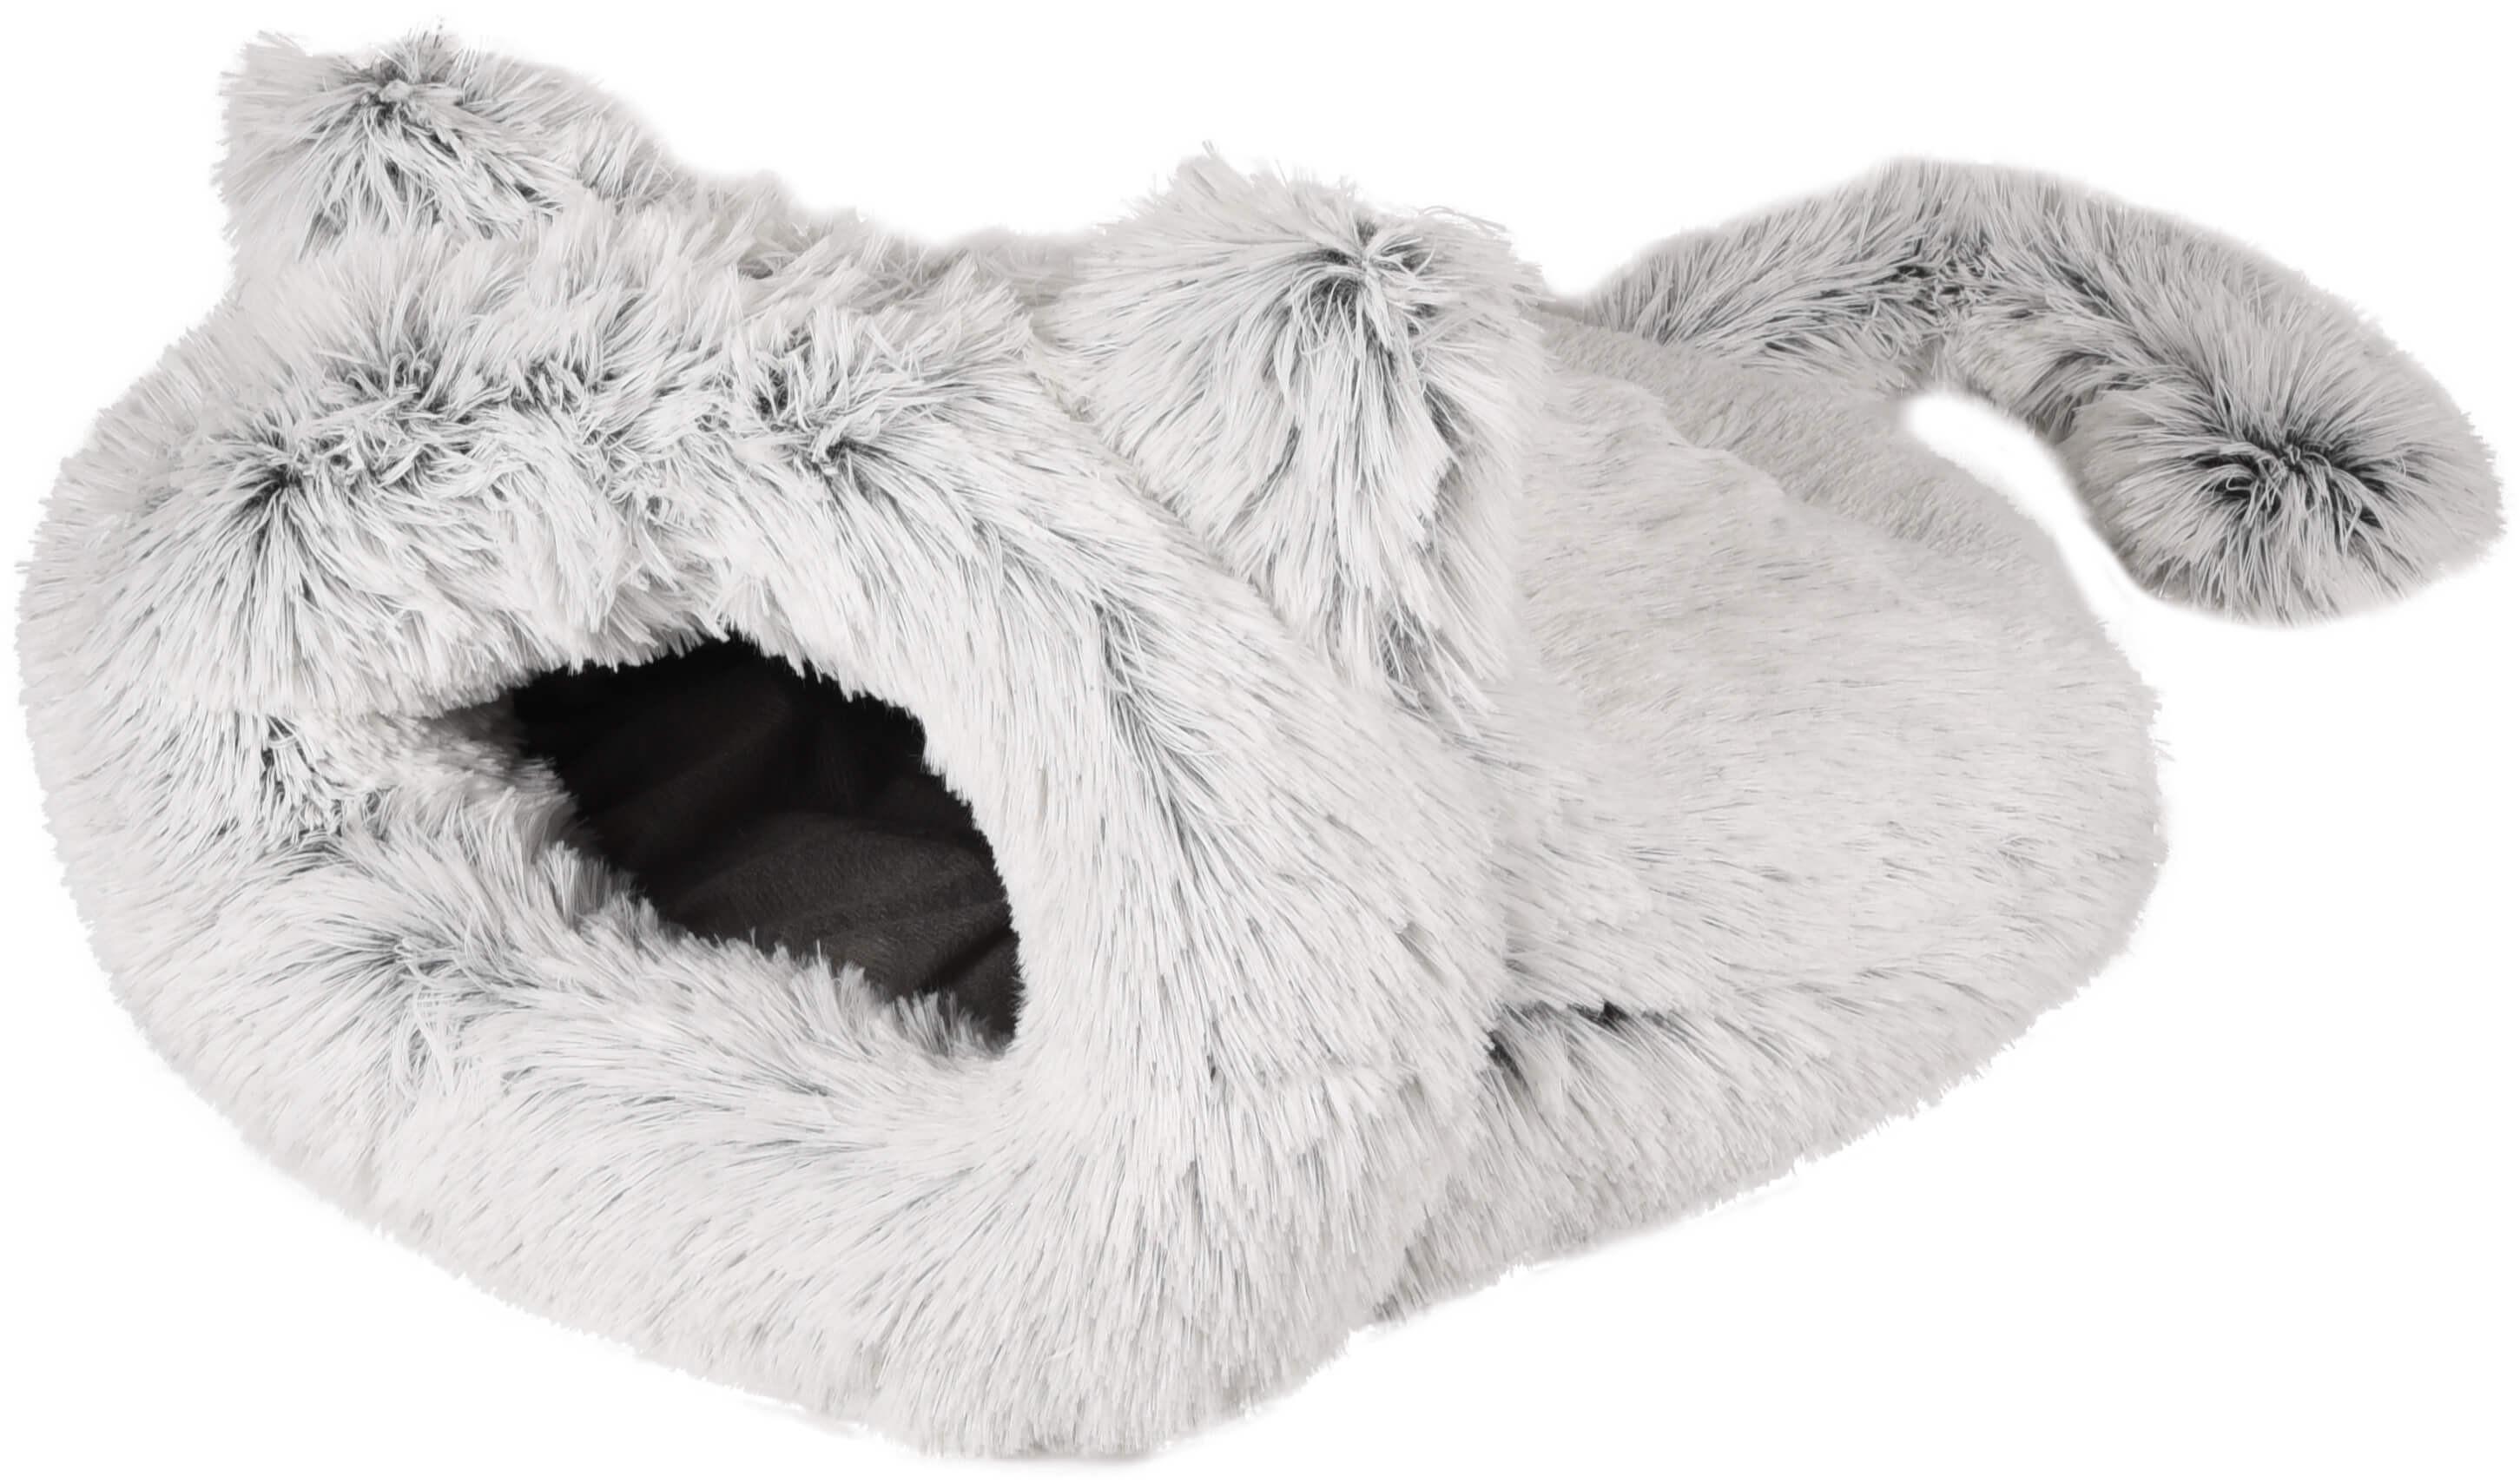 Slaapzak Alba Wit voor de kat 53x38x23cm